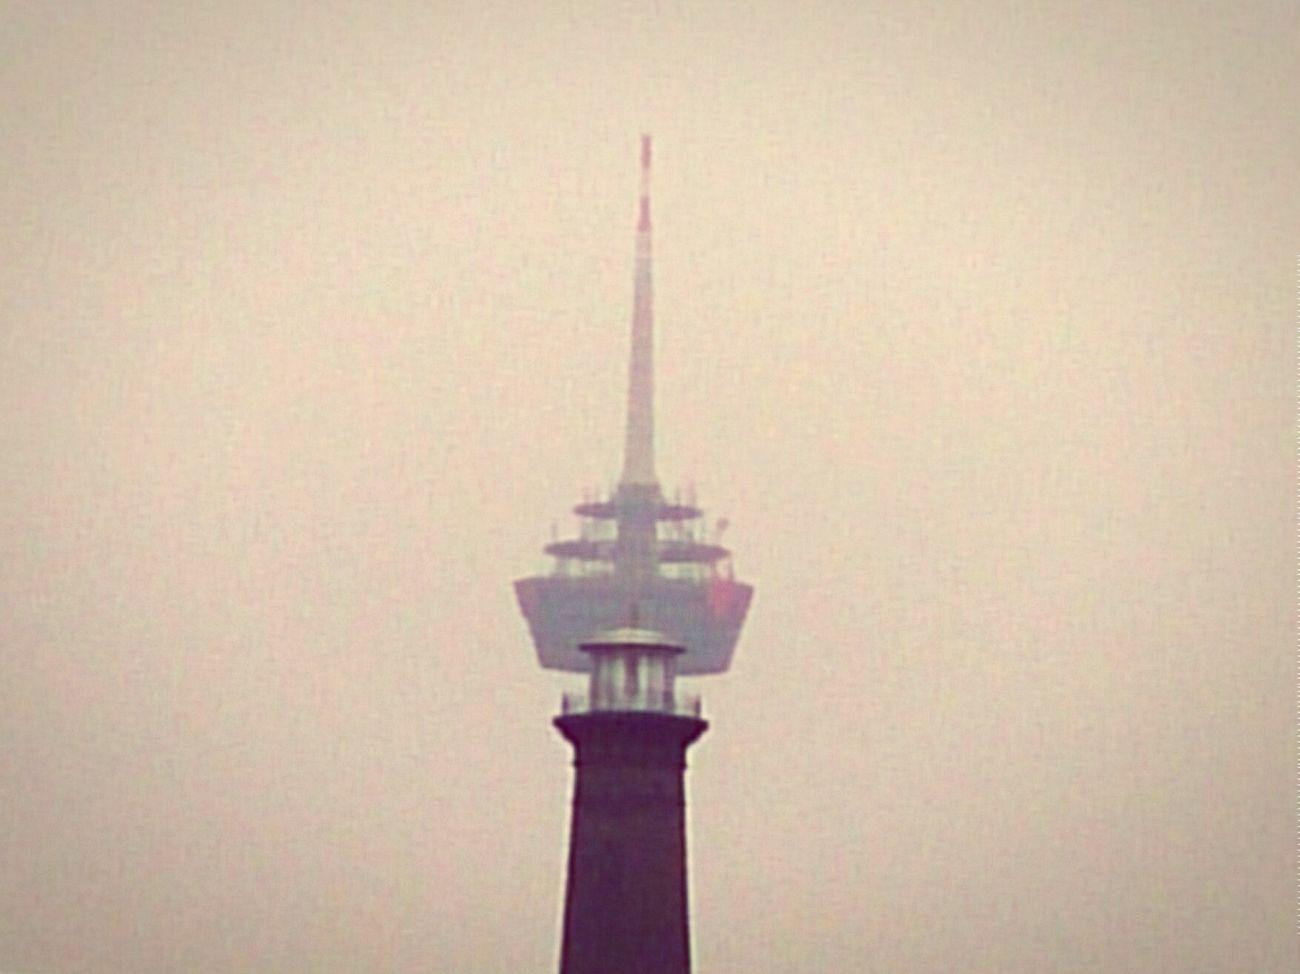 Beauty and the Beast. Fernsehturm. Ehrenfeld Ehrenfelder Leuchturm